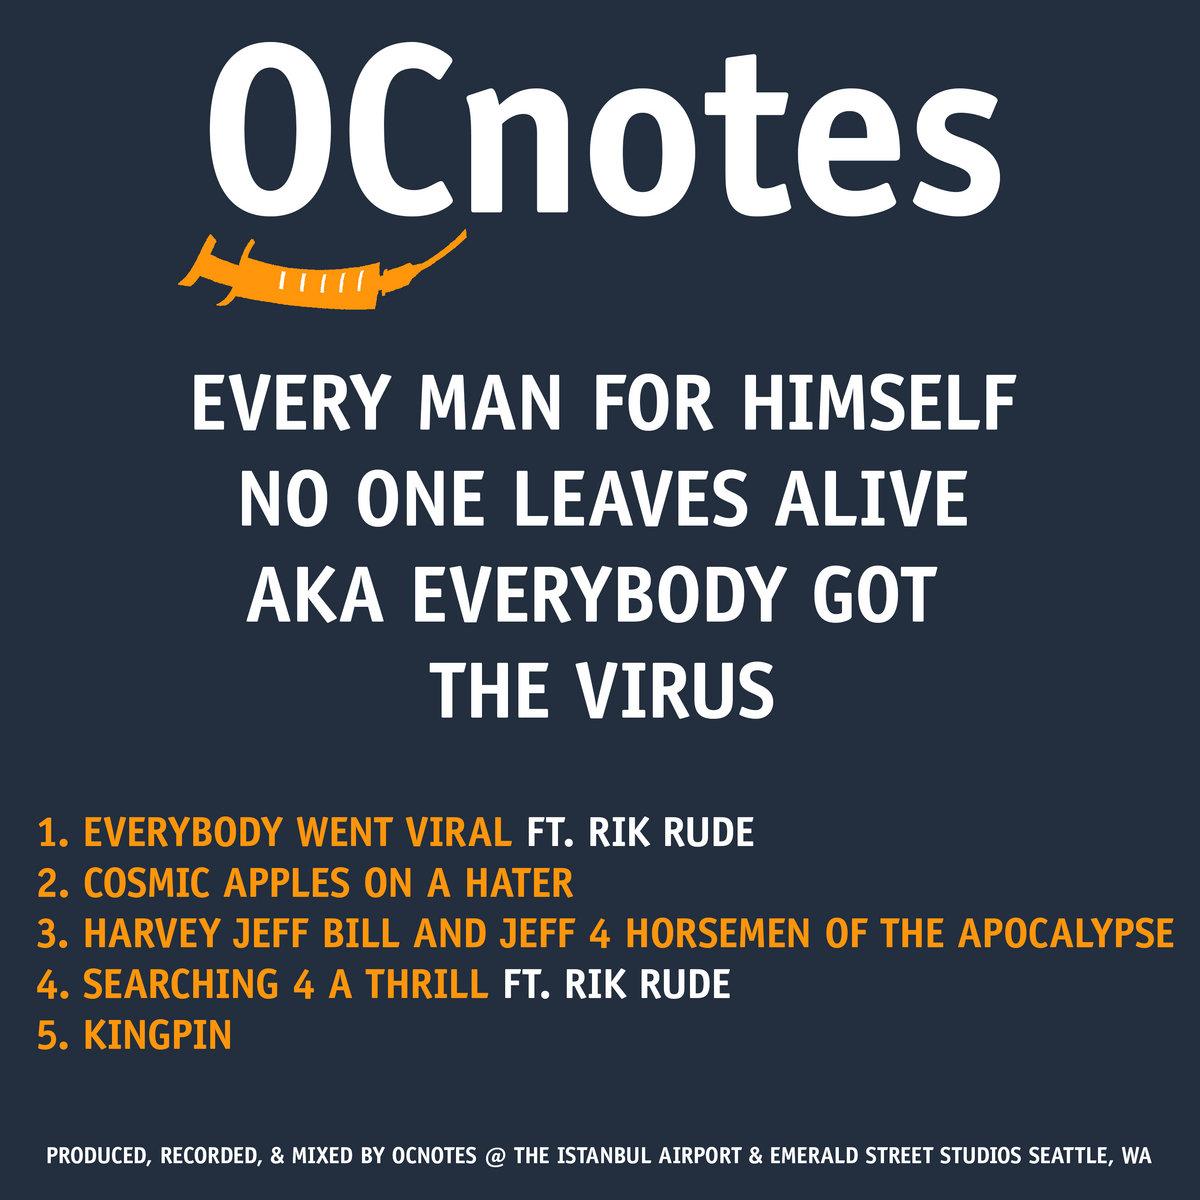 Kingpin Ocnotes